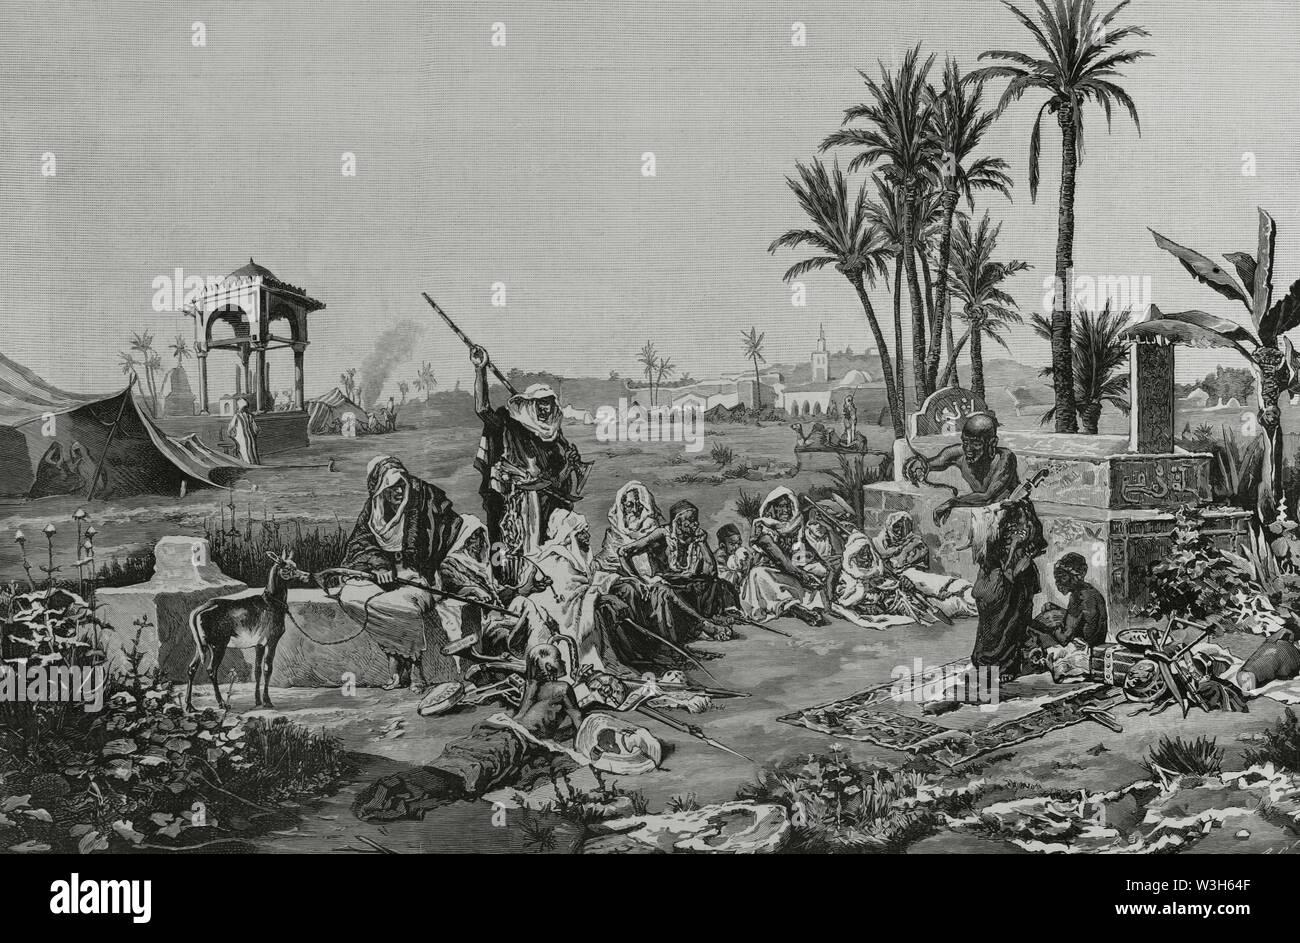 Norte de Africa. Costumbres árabes: un encantador de serpientes. Grabado por Arturo Carretero (1852-1903) a partir de un cuadro de Echena. La Ilustración Española y Americana, 15 de enero de 1883. - Stock Image